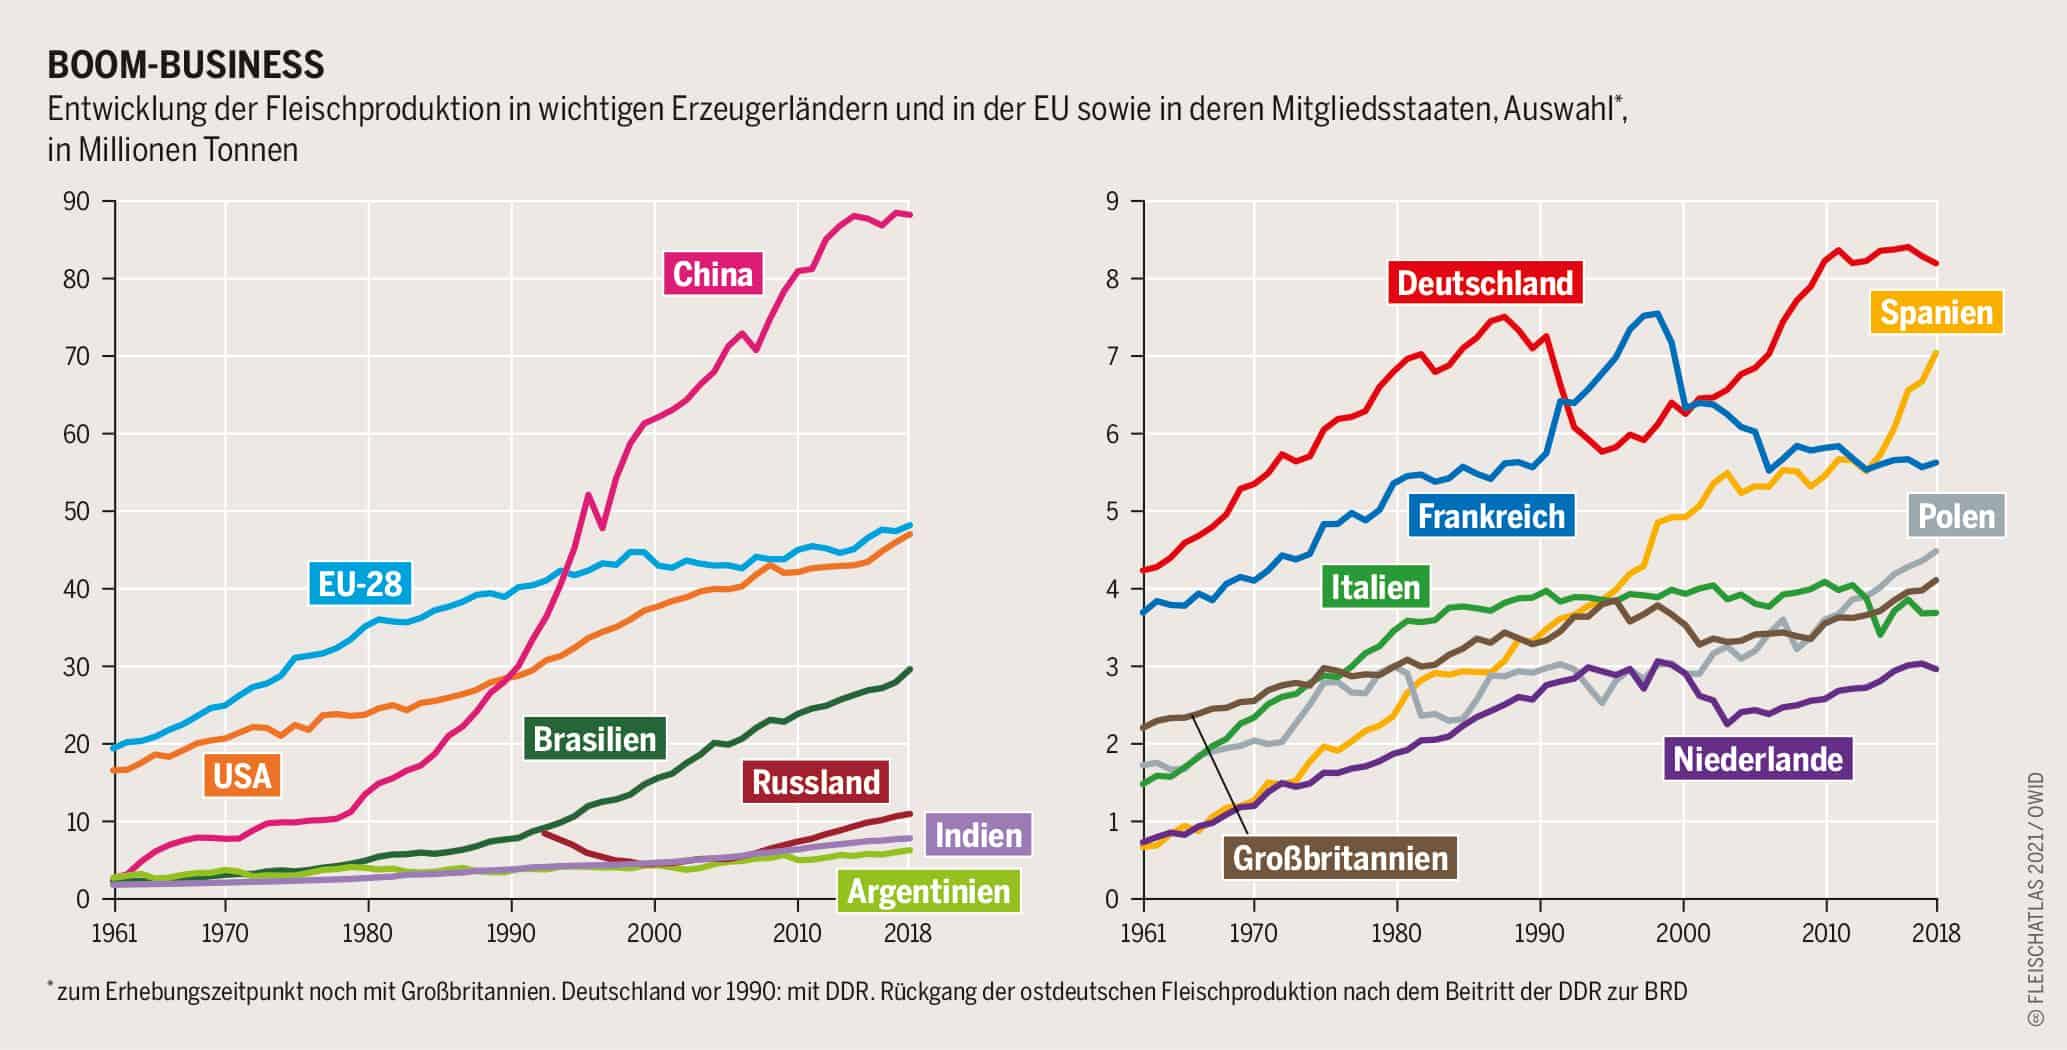 Boom Business Entwicjlung der Fleischproduktion in wichtigen Erzeugerländern und in der EU sowie in deren Mitgliedsstaaten, Grafik: Fleischatlas 2021 | Bartz/Stockmar CC-BY-4.0